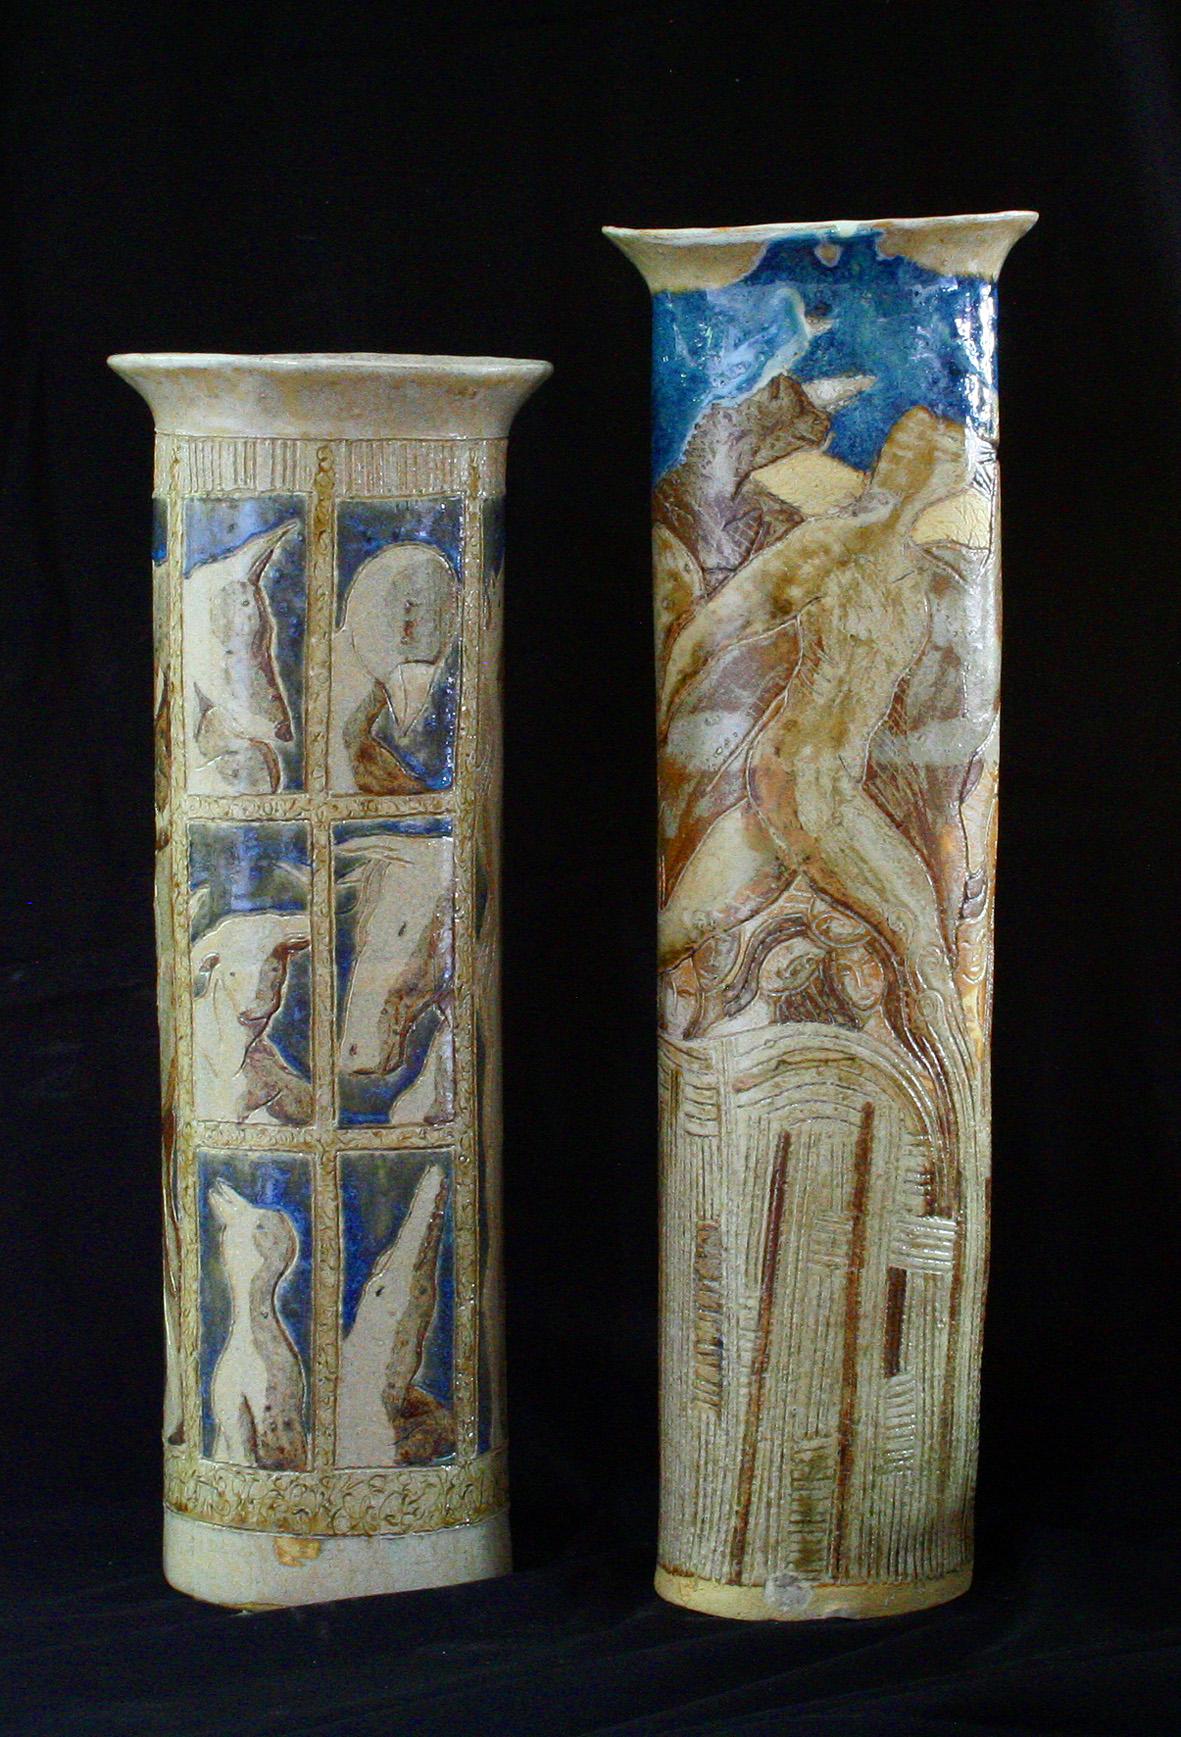 GRANDS VASES TOUR /  Pièce en grés gravé émaillé -  Haut : 40/50 cm - Larg : env. 15 cm